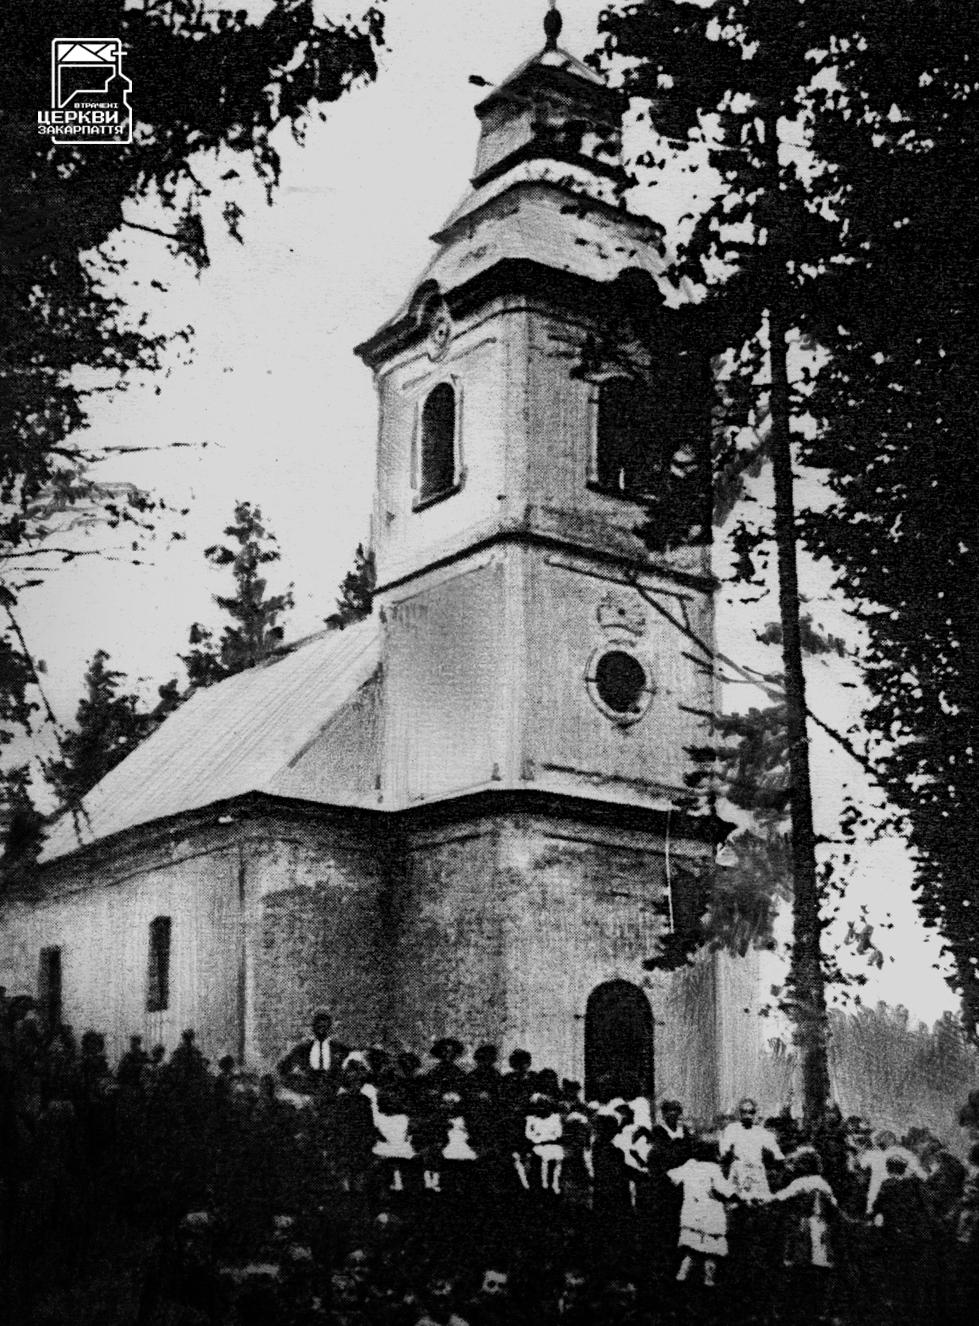 Римо-католицький костел Святої Трійці, ДРАЧИНО, село